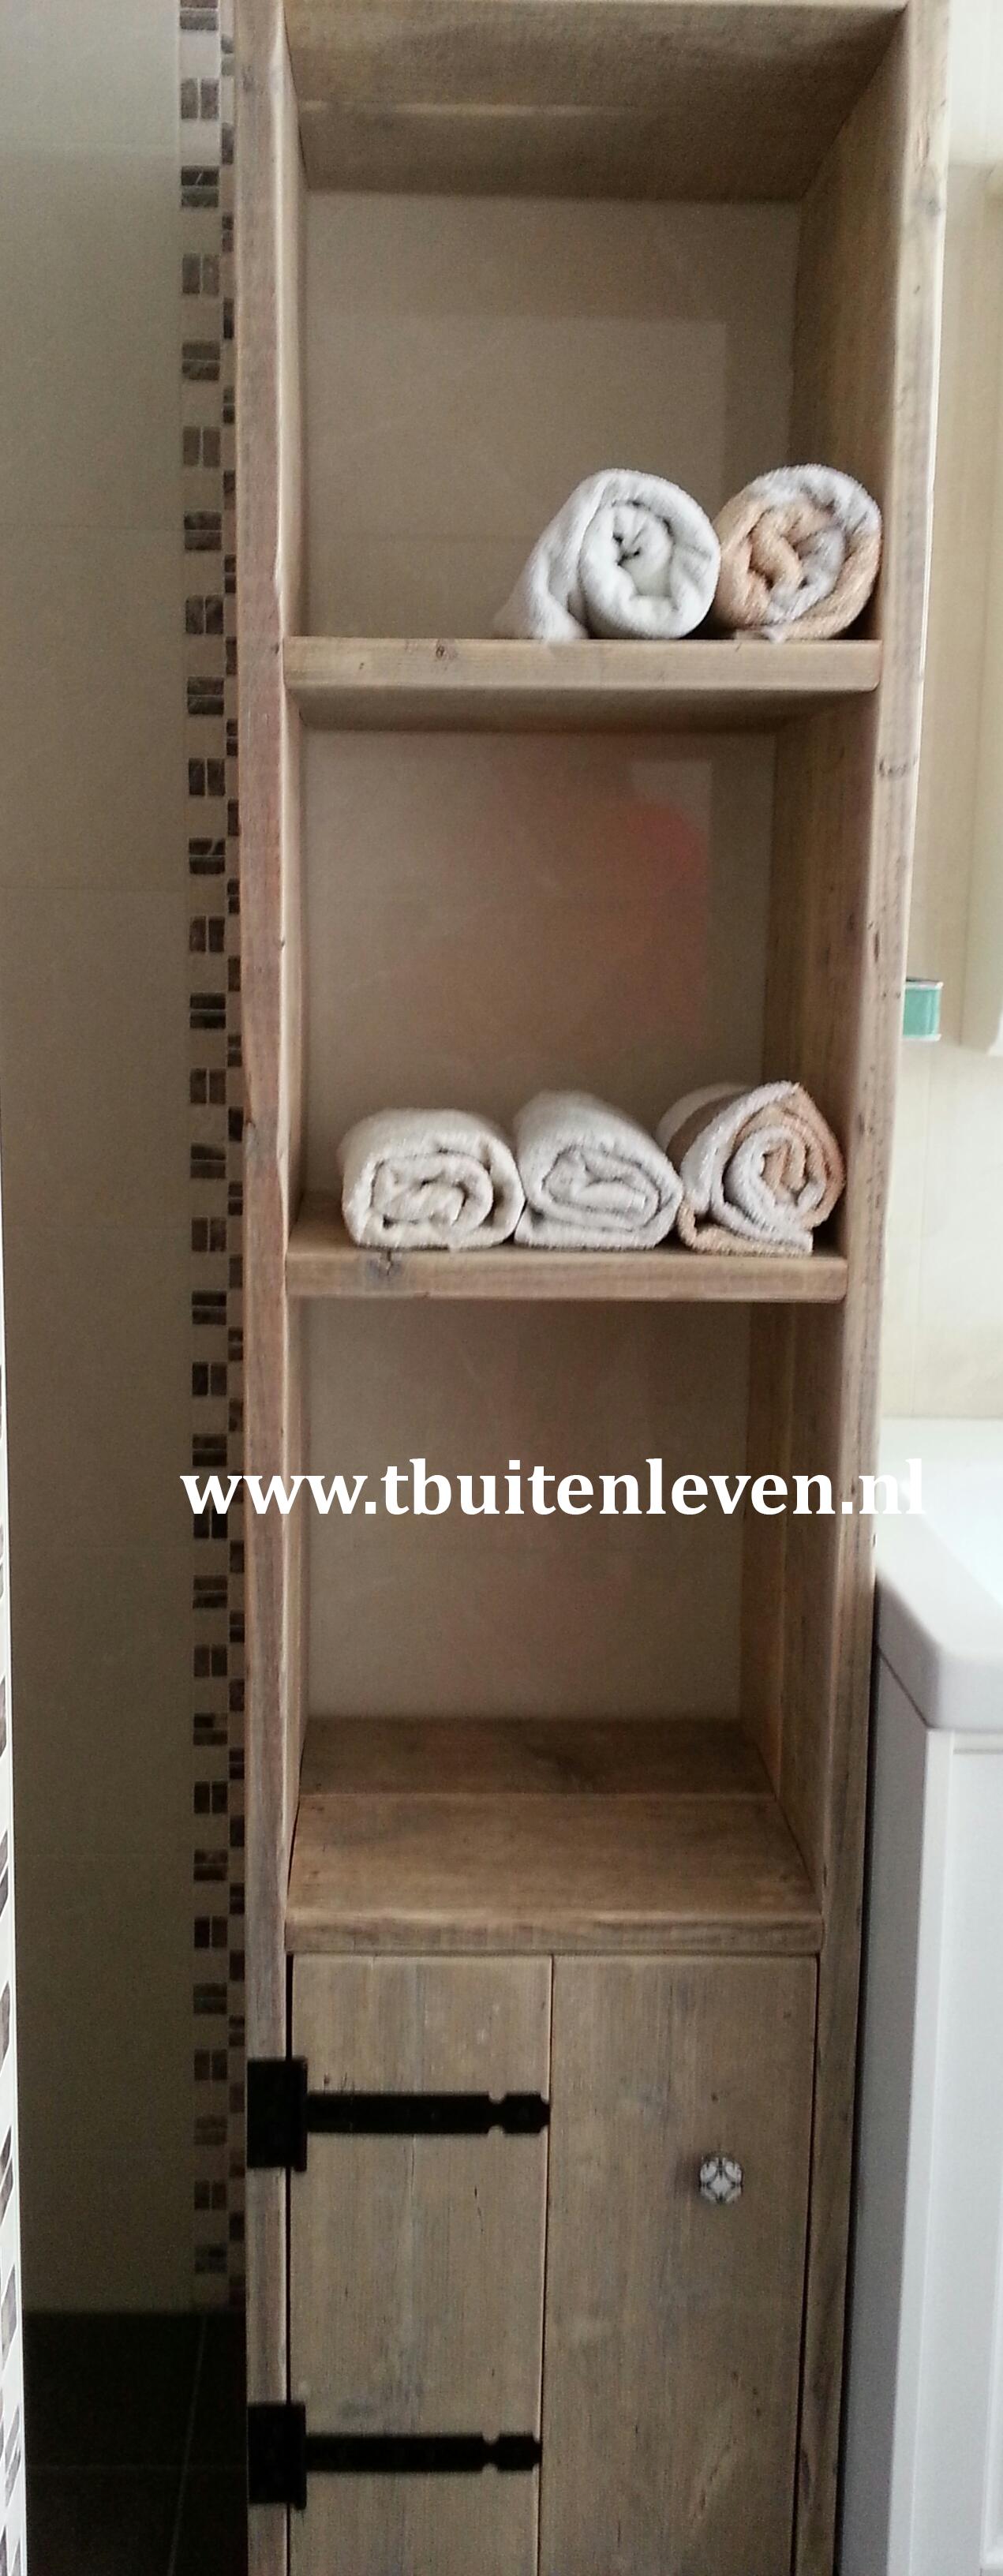 ... planken voor de handdoeken en onderin een kastje voor overige spullen